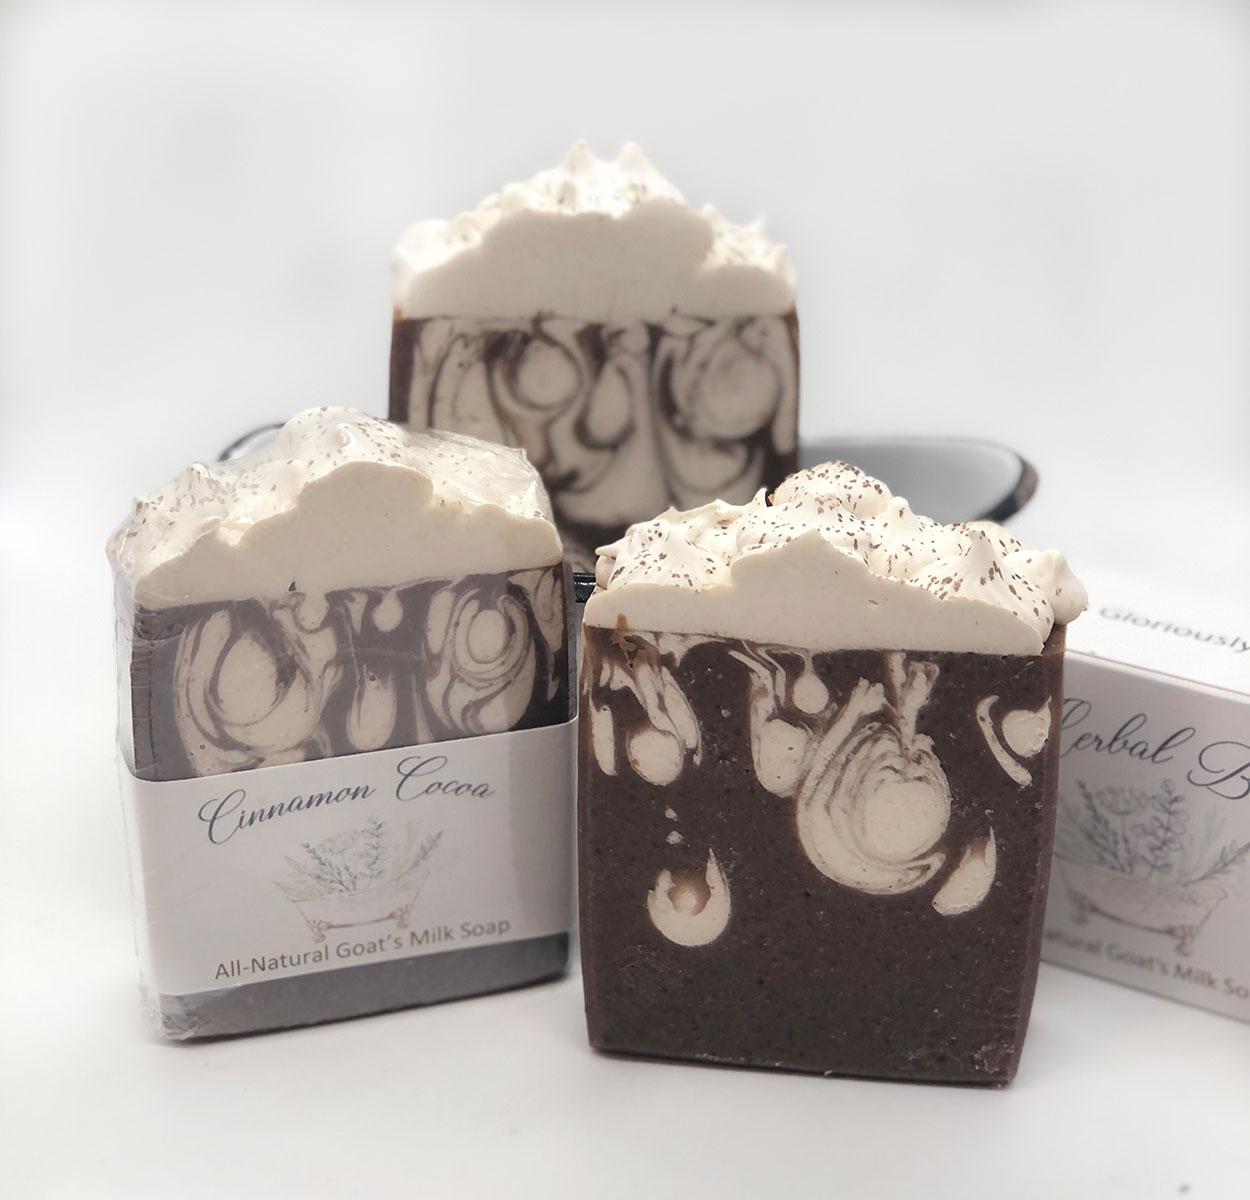 Cinnamon Cocoa Soap